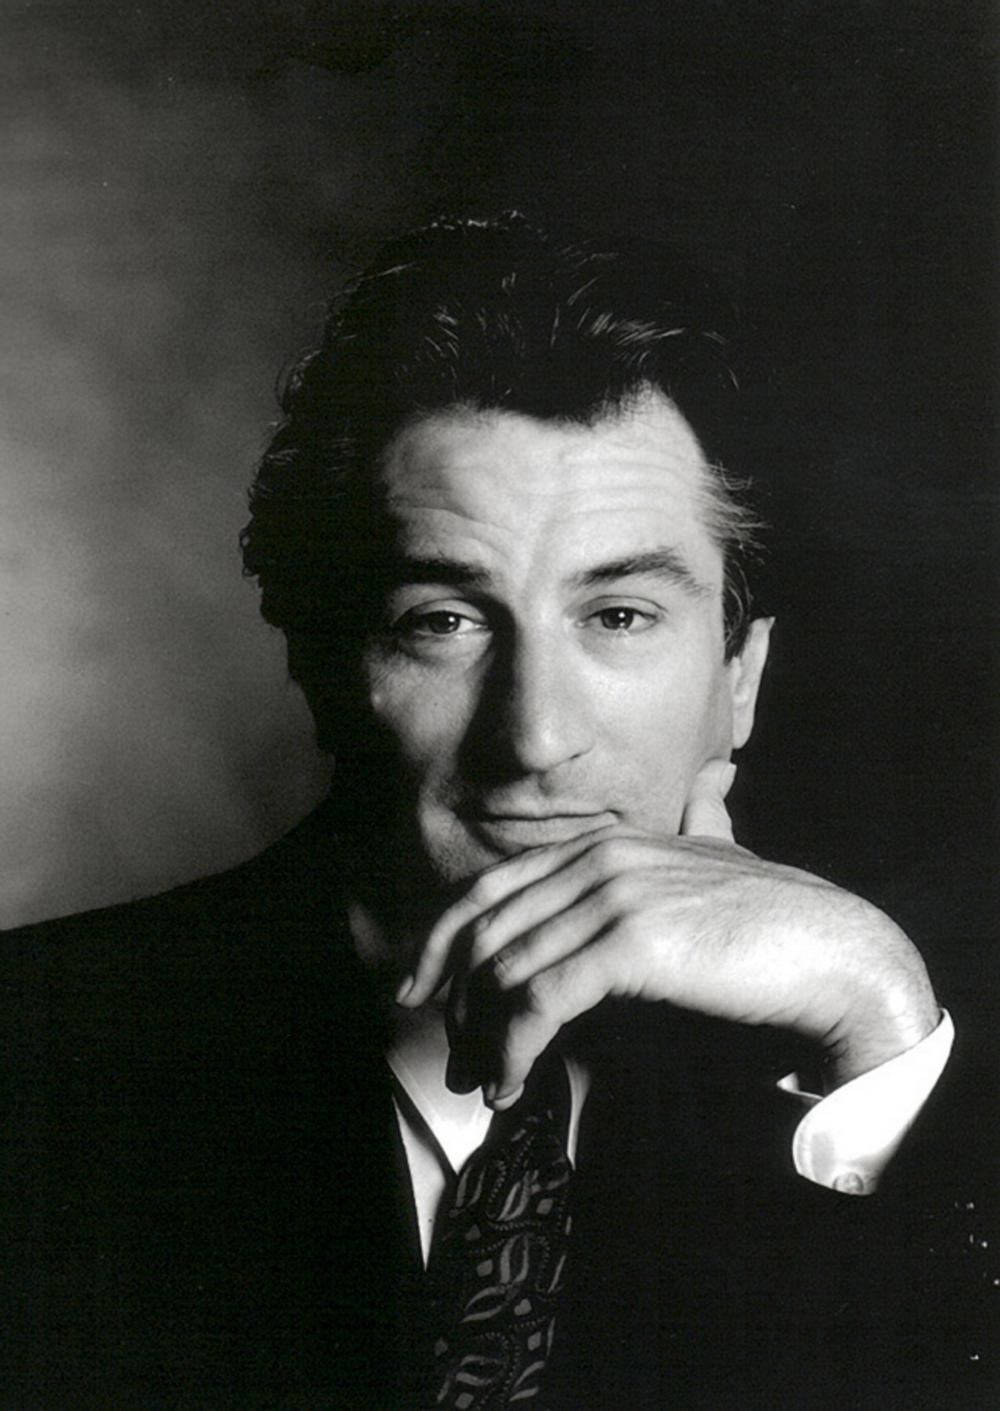 Грег Горман один из лучших в съёмке портретов знаменитостей и непревзойдённый мастер мужского ню 27